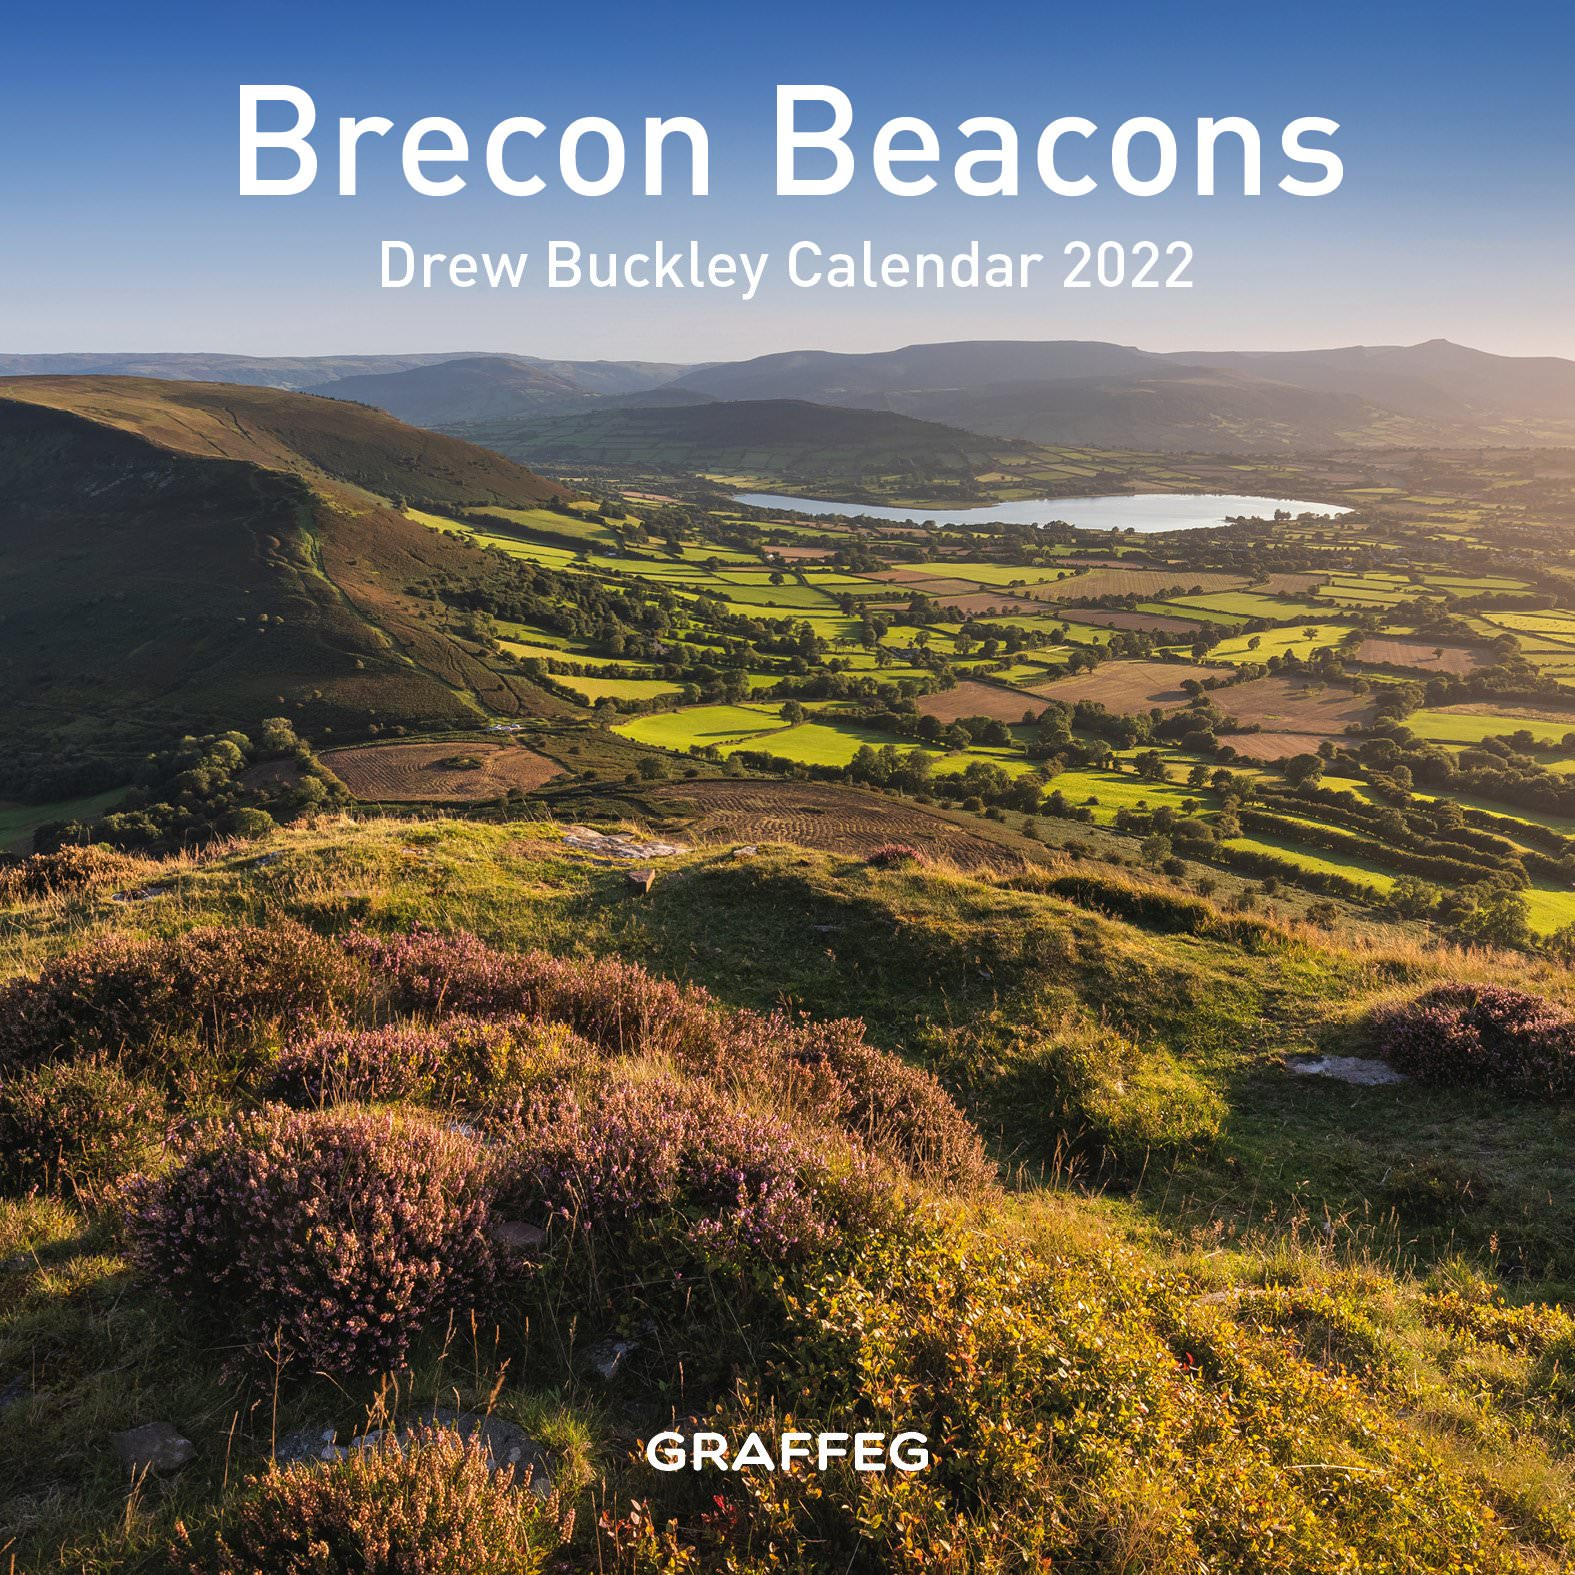 BRECON BEACONS 2022 CALENDAR